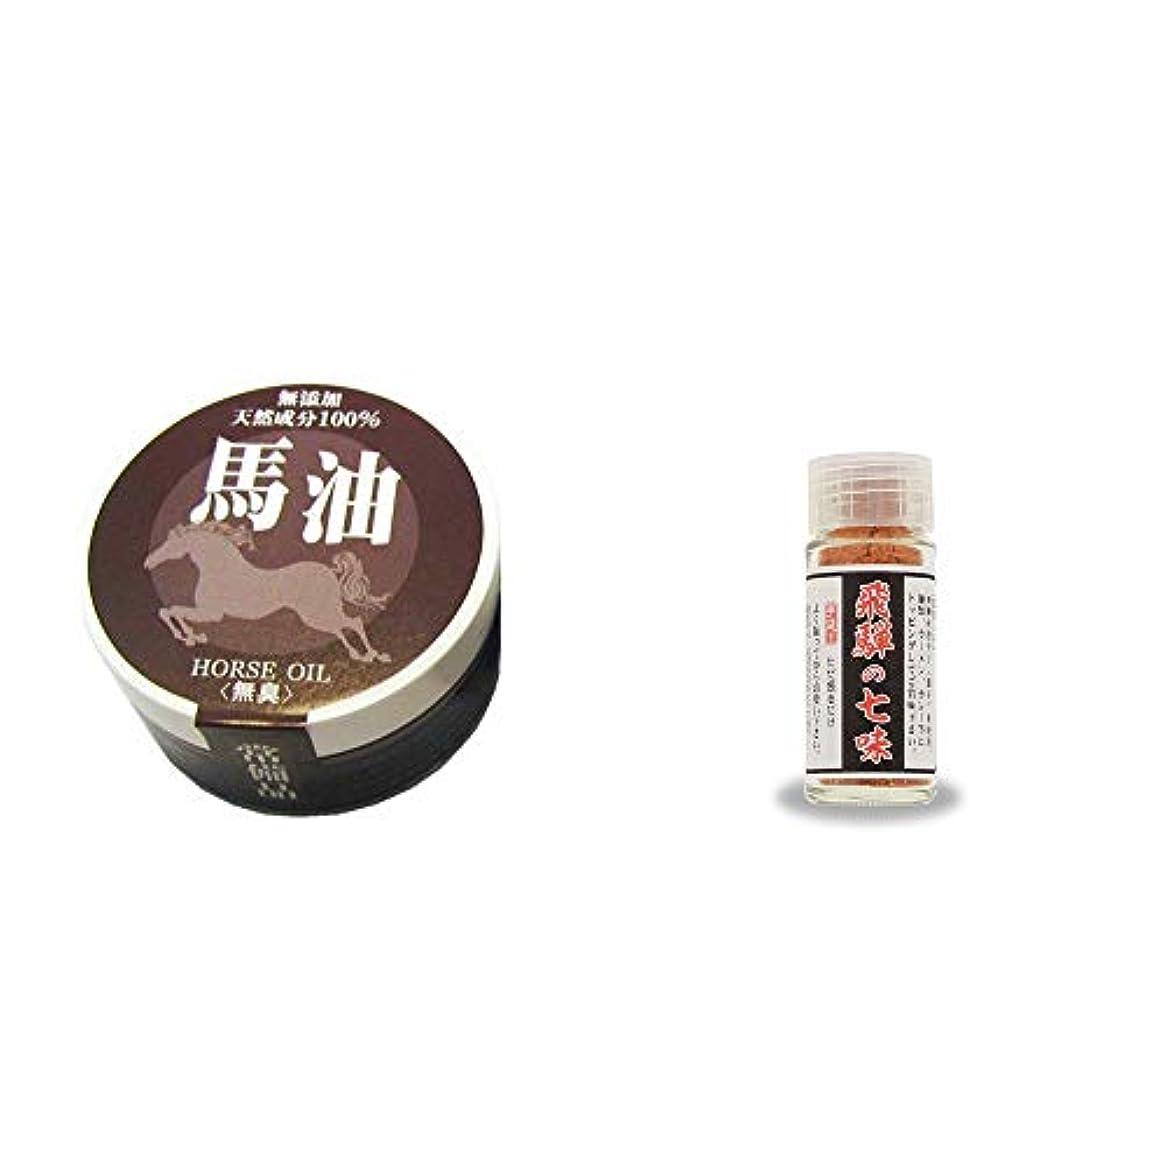 汚い厚さバッテリー[2点セット] 無添加天然成分100% 馬油[無香料](38g)?手造り 飛騨の七味(15g)